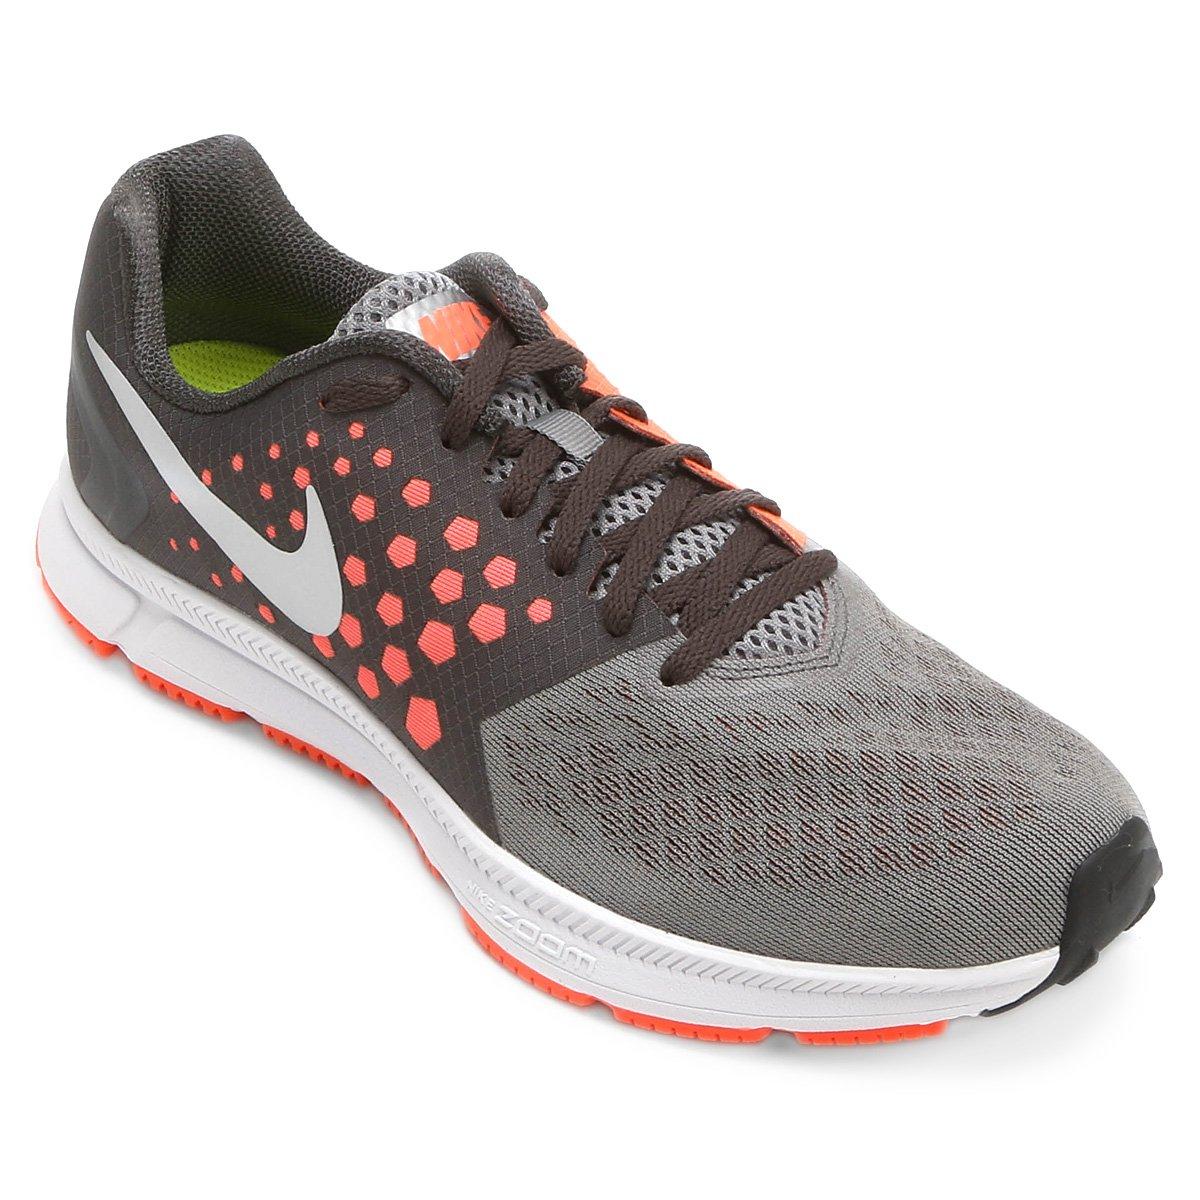 4cdb9a514cc Tênis Nike Air Zoom Span Masculino - Compre Agora